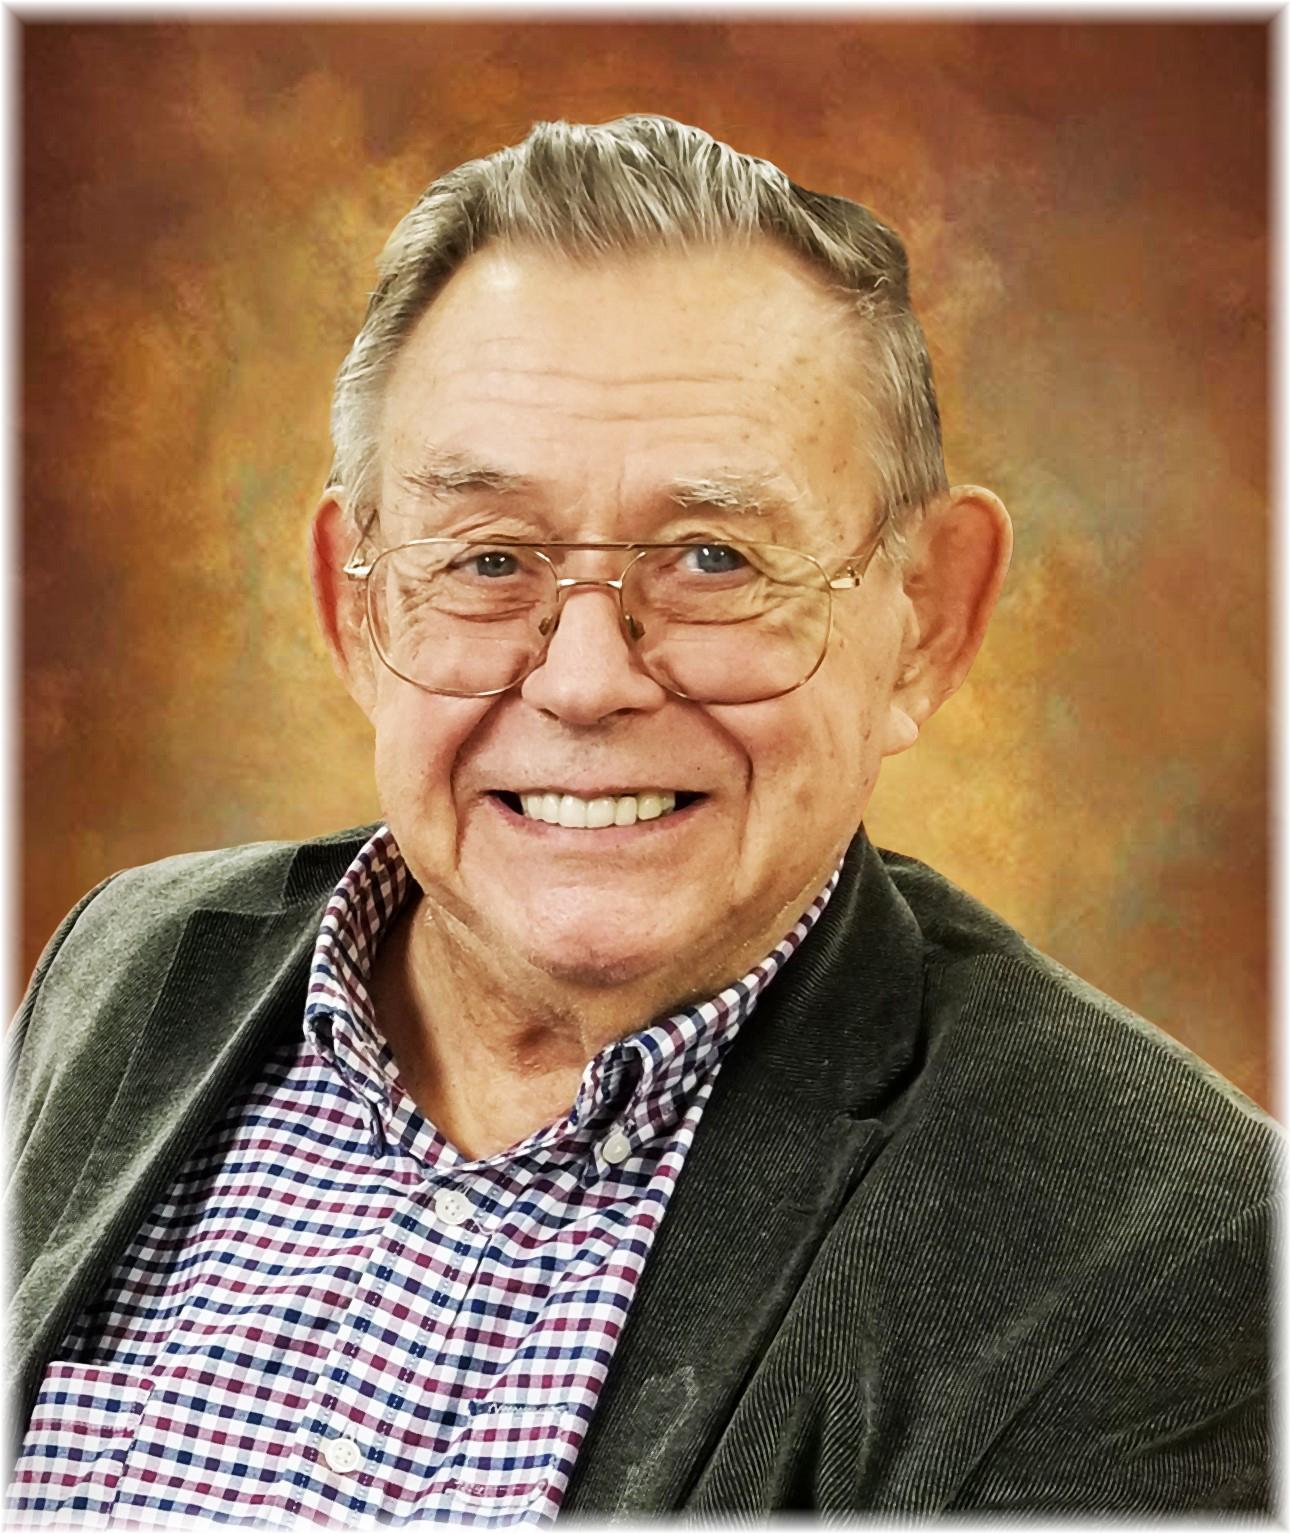 William F. Rozmajzl